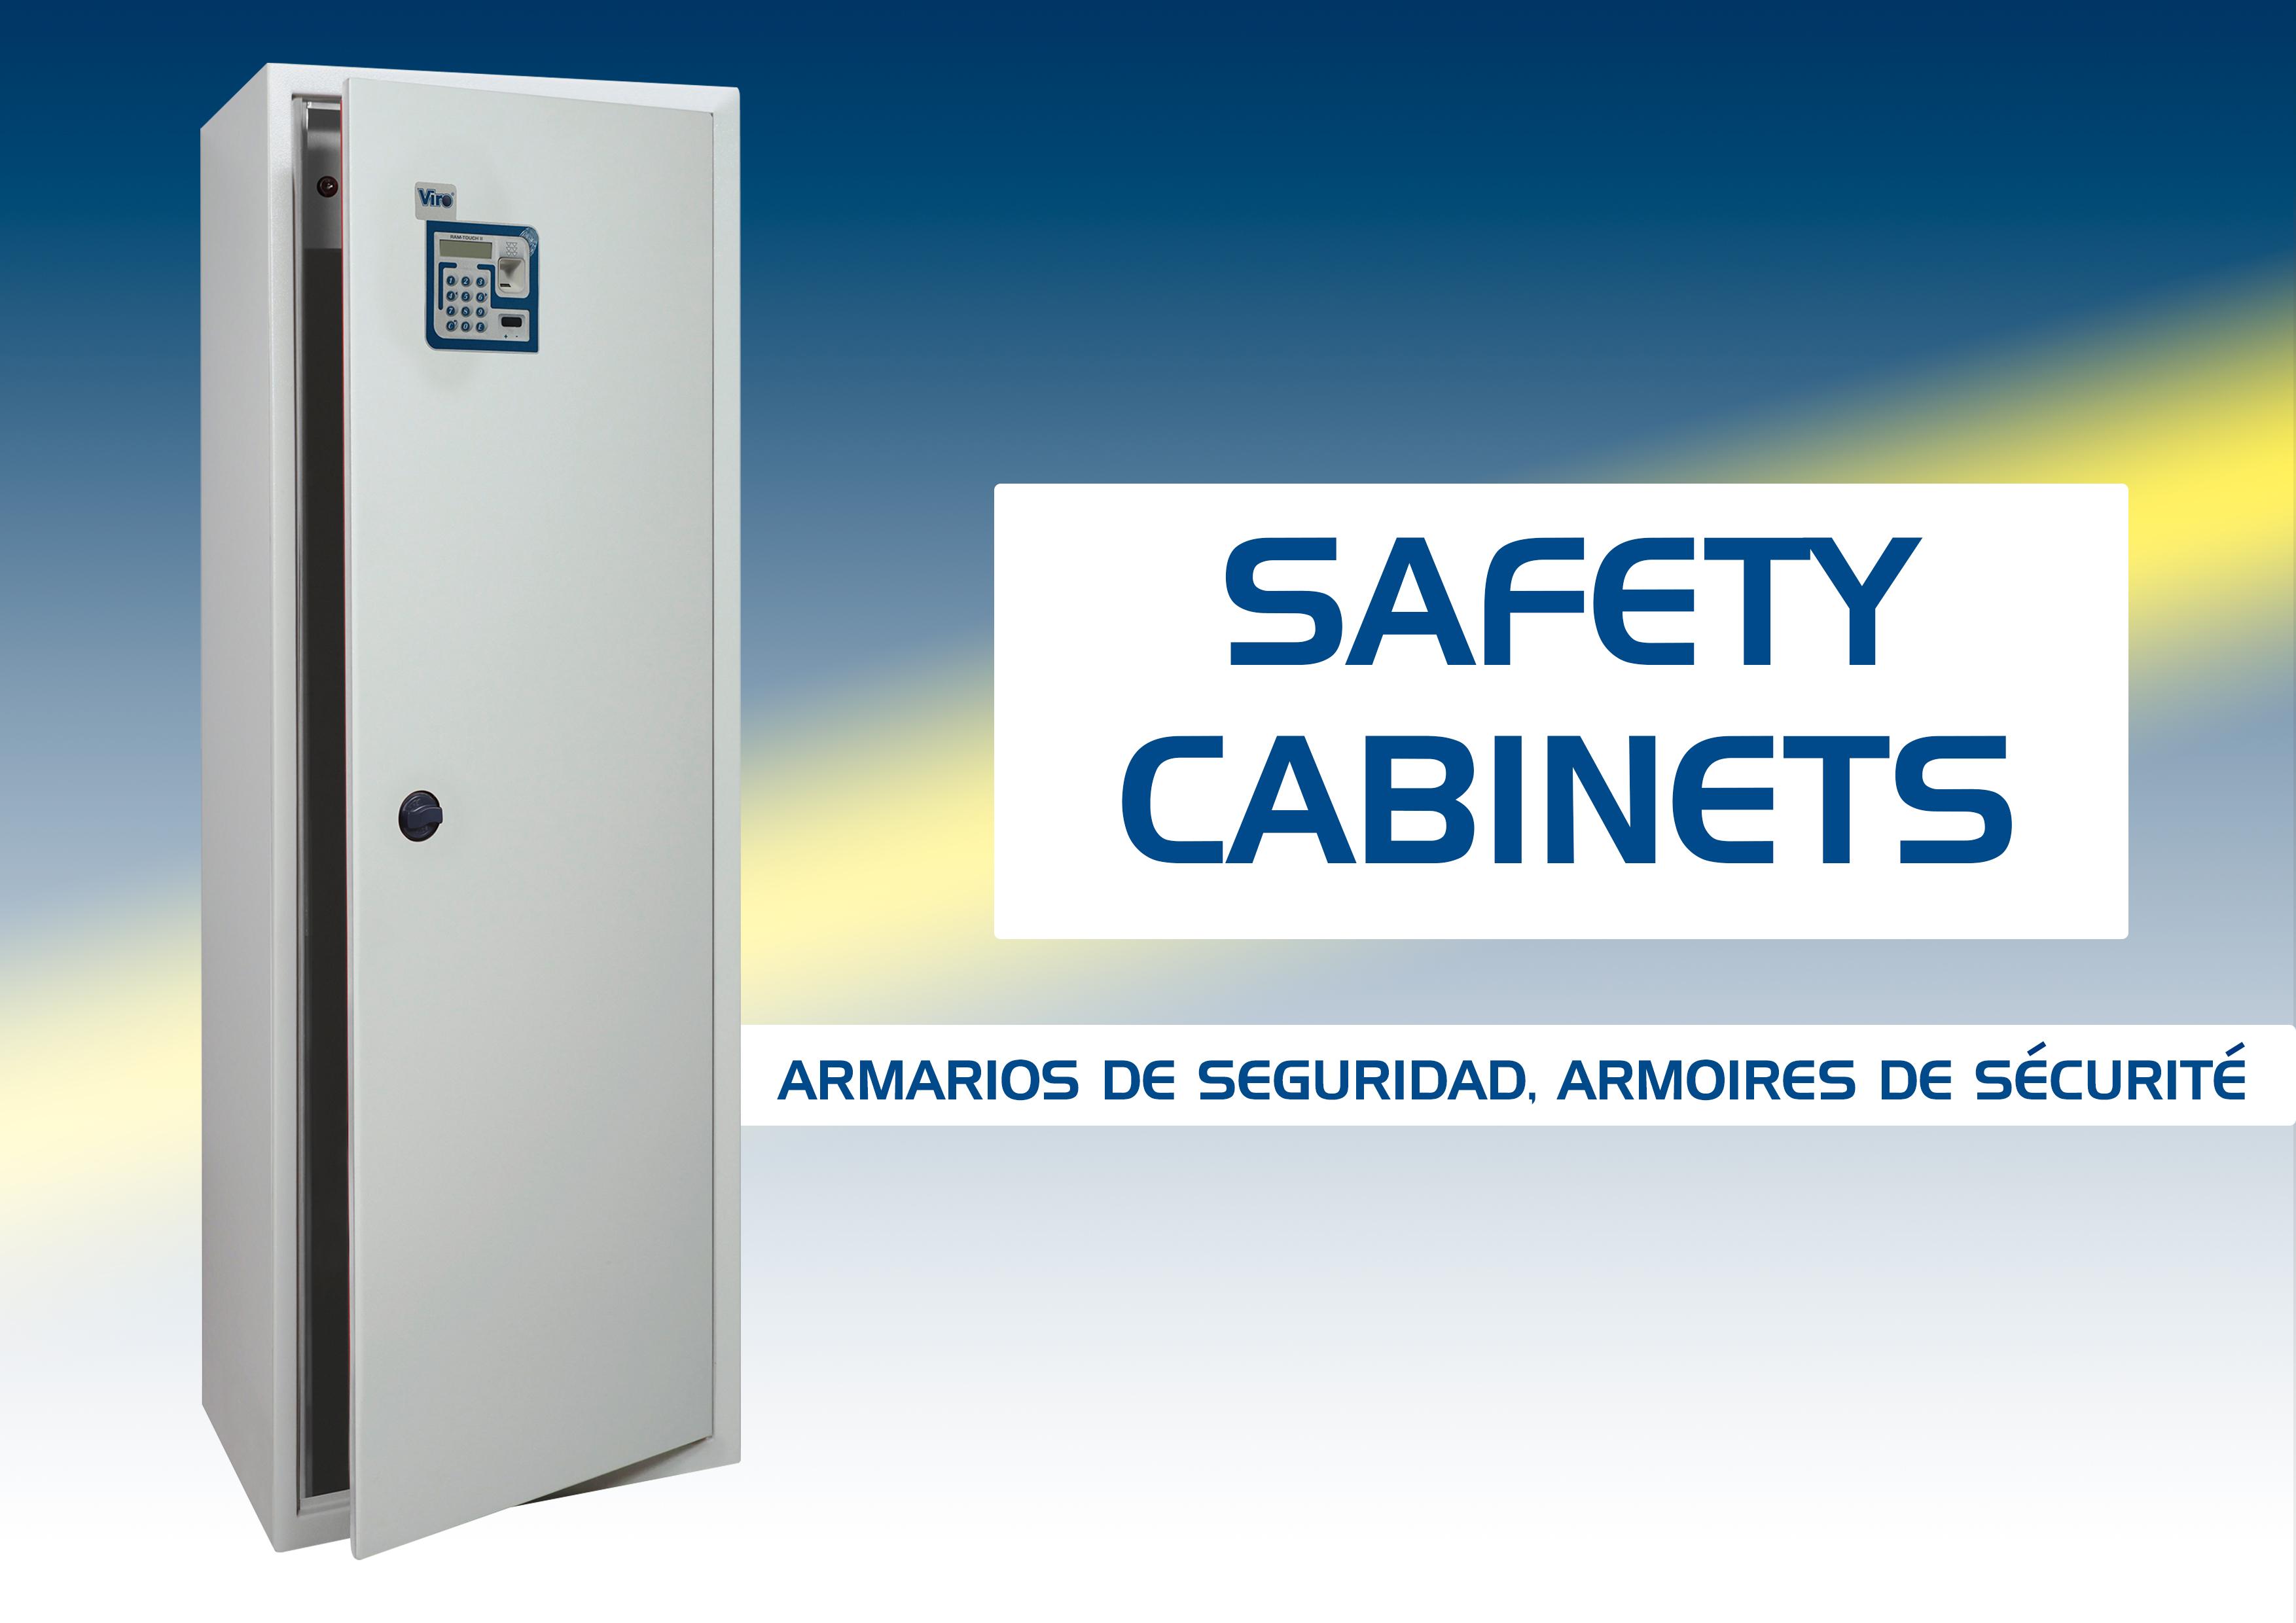 Armoires De Sécurité, Armoires à fusil, armoires à documents, armoires biométriques, armoires électroniques